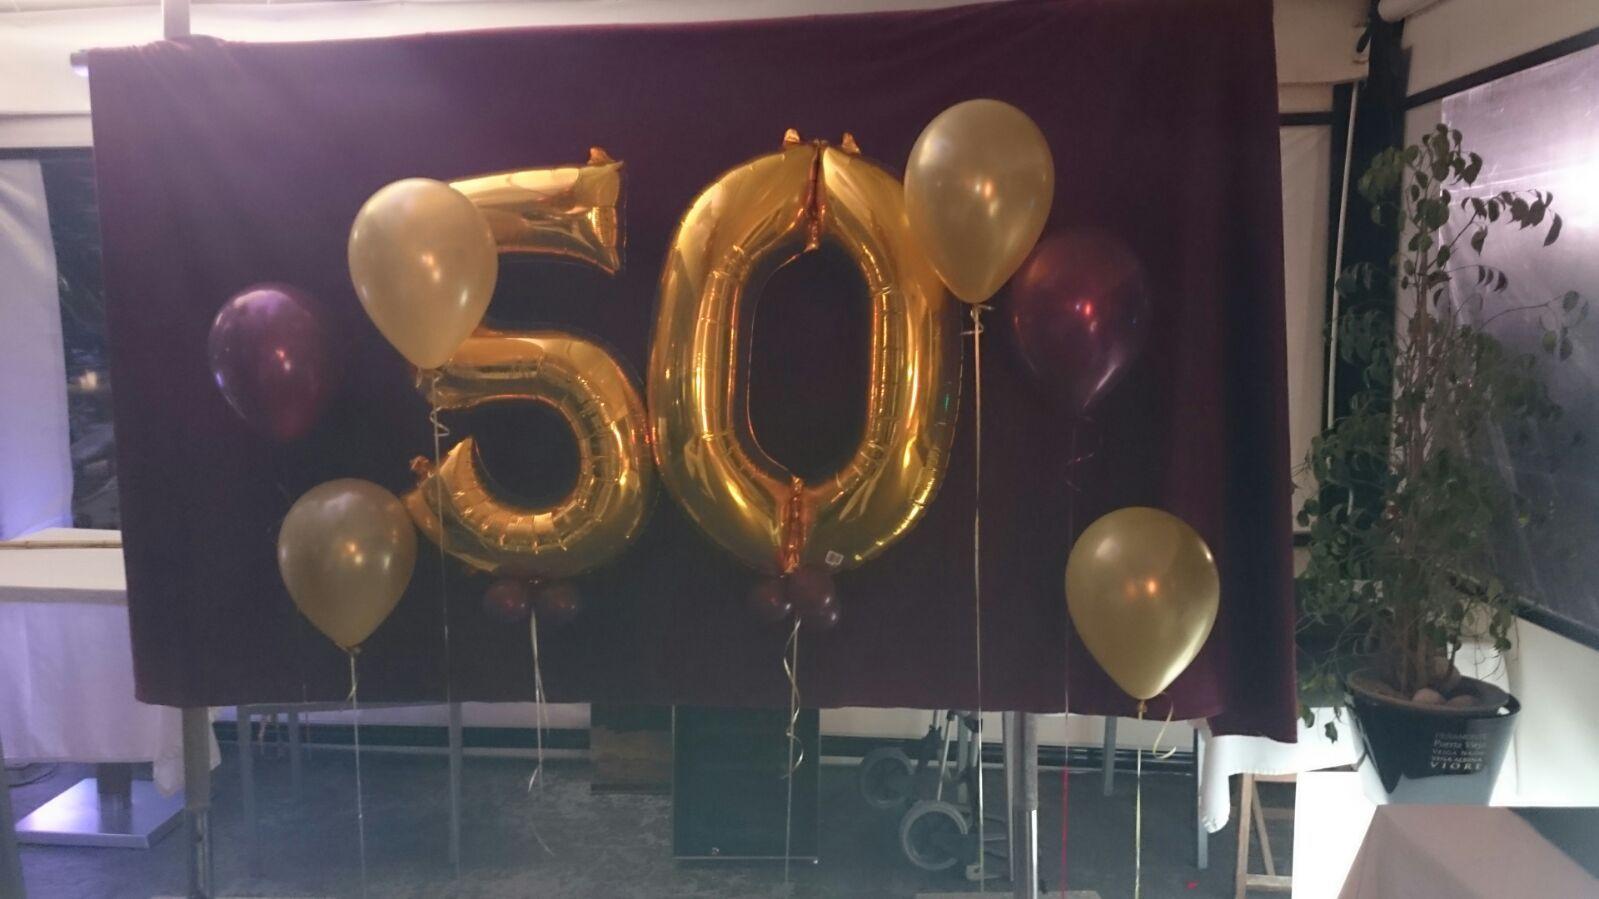 Photocall 50 a os con fondo terciopelo granate globos dorados del n 50 y globos granates y - Decoracion con globos 50 anos ...